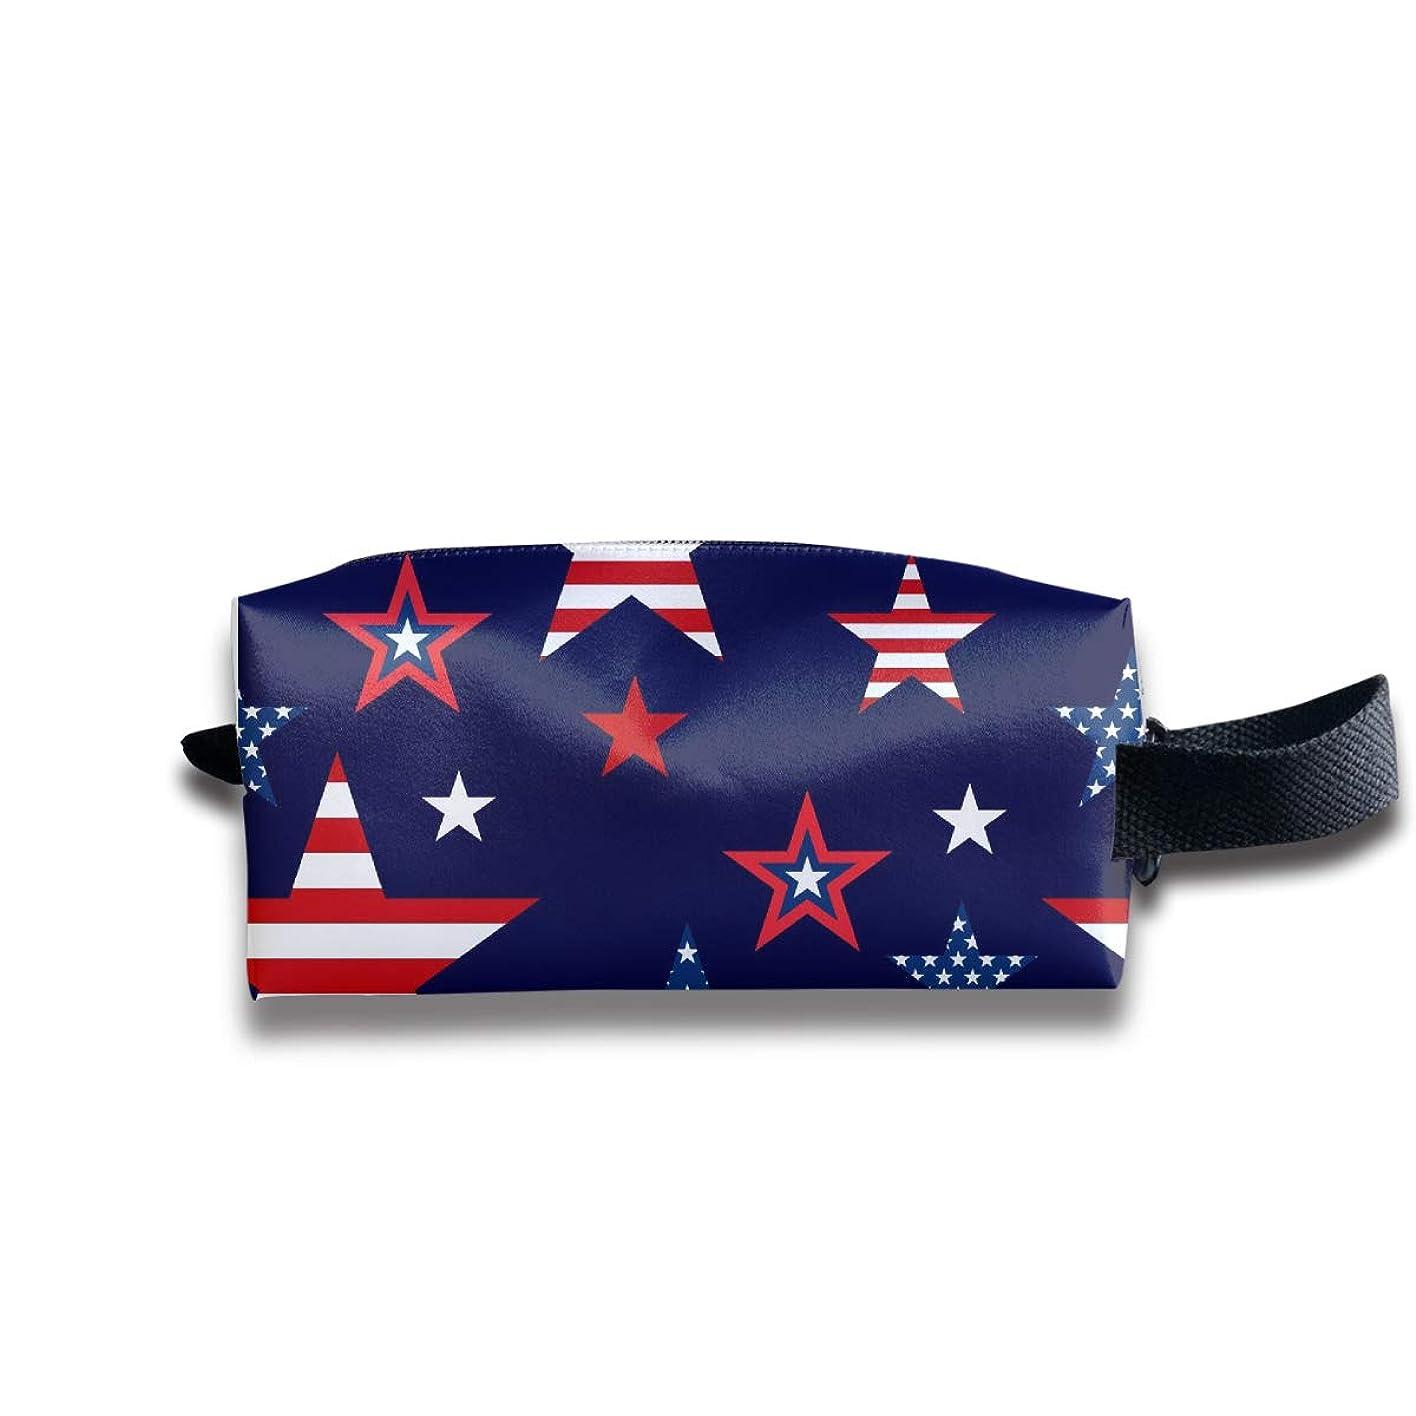 アメリカの国旗の星のパターン ペンケース文房具バッグ大容量ペンケース化粧品袋収納袋男の子と女の子多機能浴室シャワーバッグ旅行ポータブルストレージバッグ